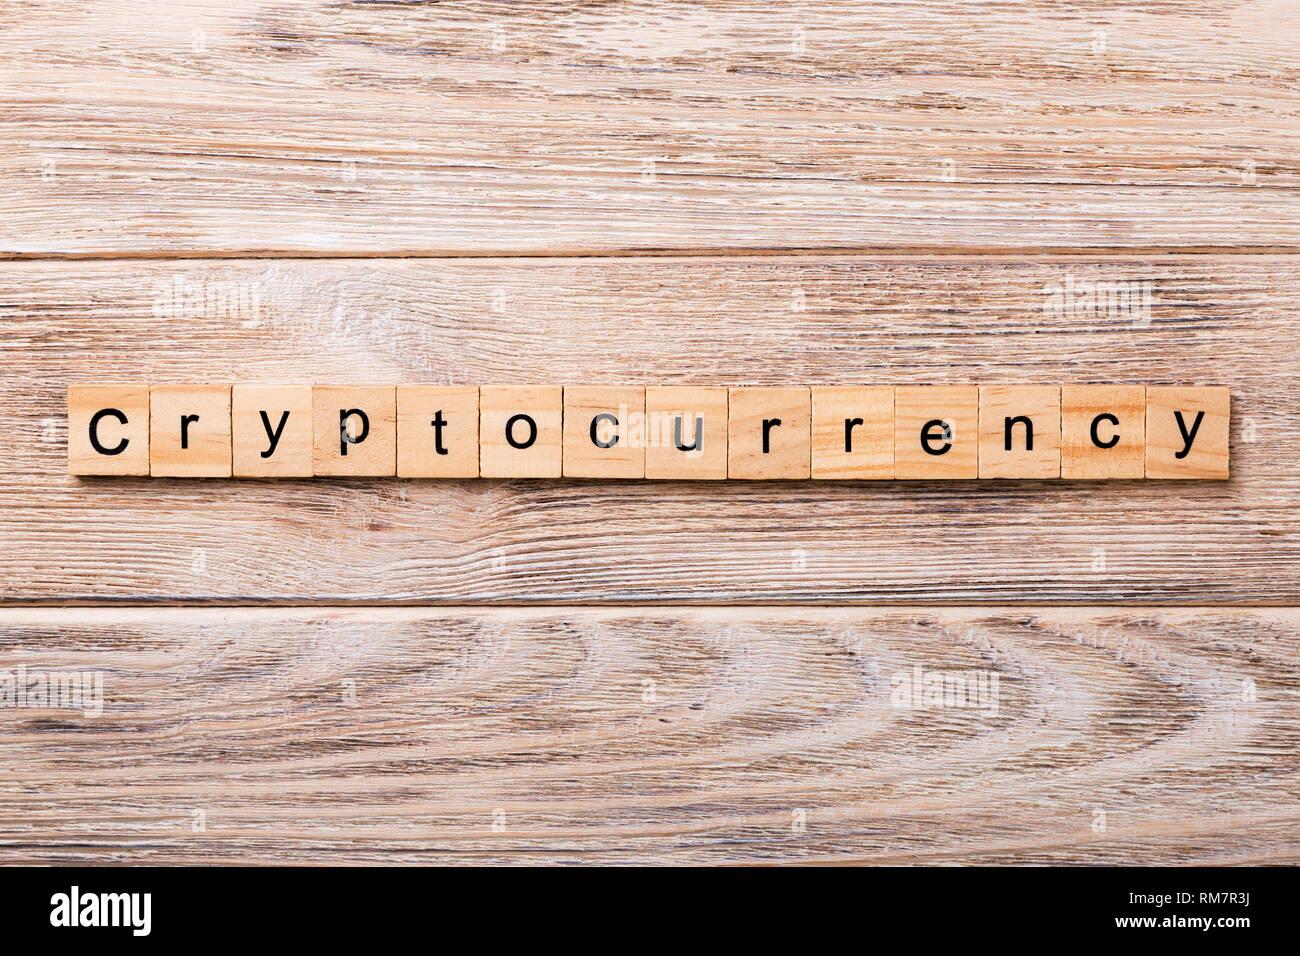 Cryptocurrency Mot écrit Sur Une Cale En Bois Texte Cryptocurrency